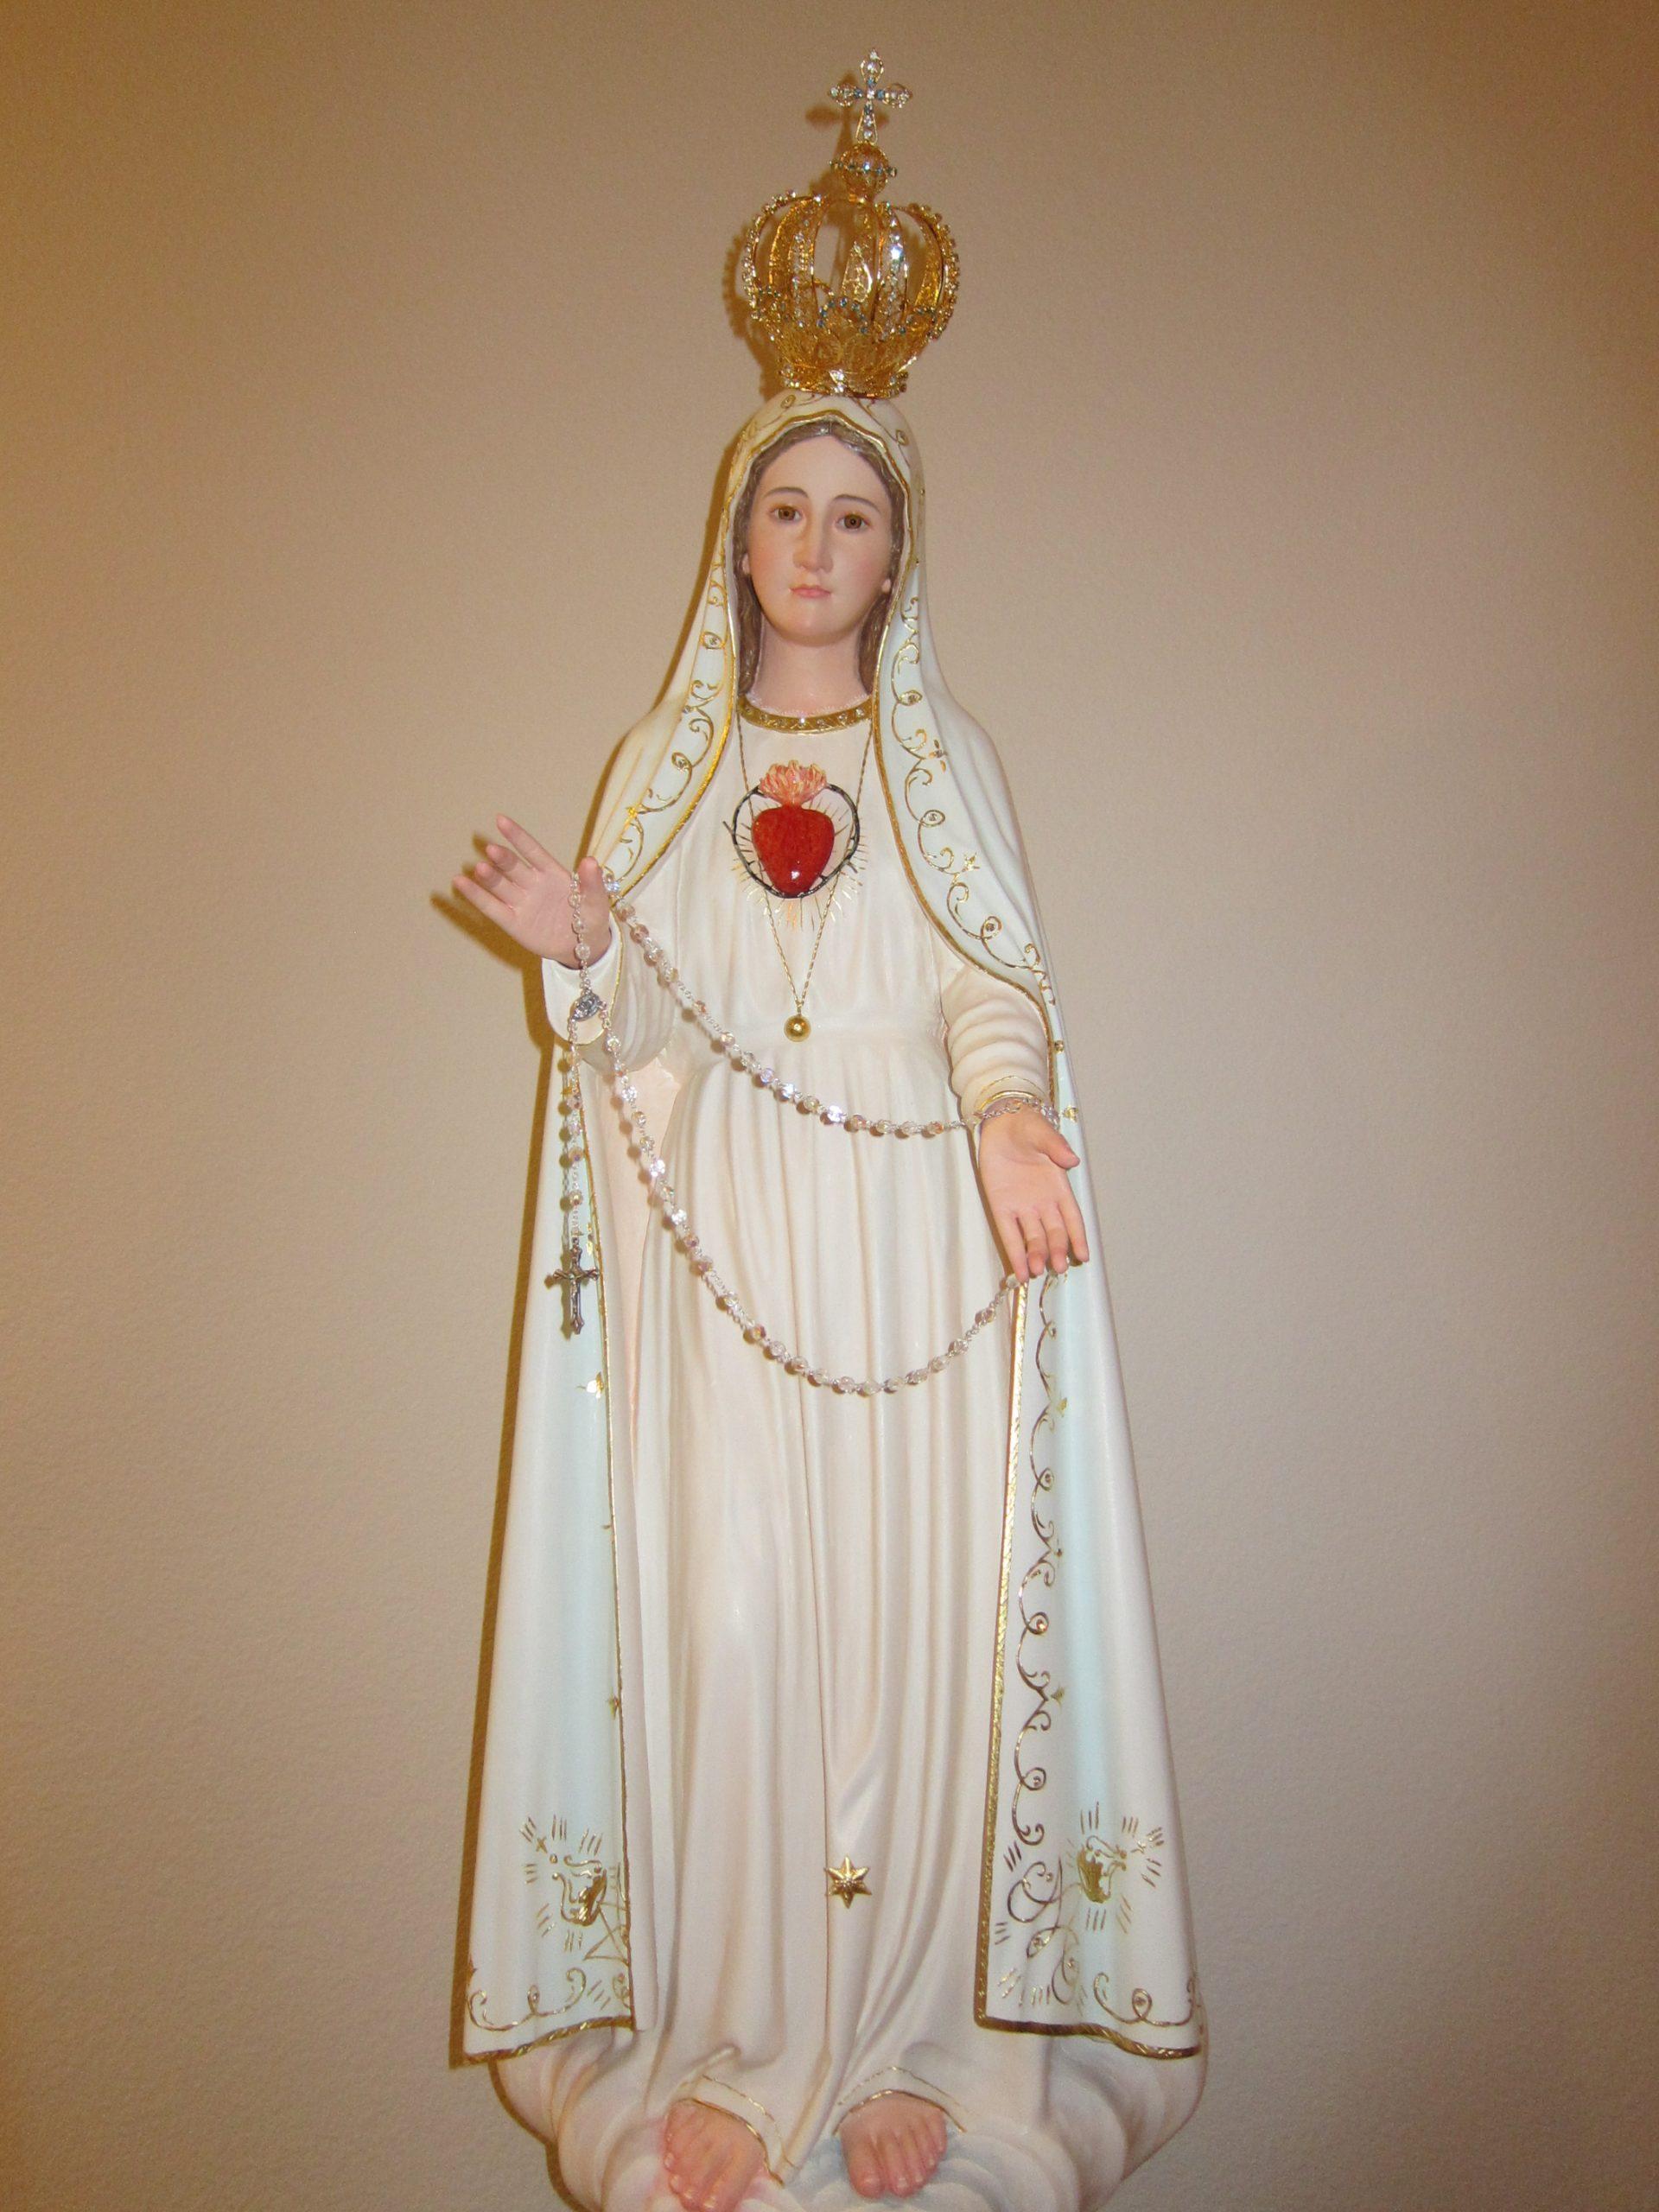 Giá bán tượng Đức Mẹ Mân Côi cạnh tranh nhất thị trường